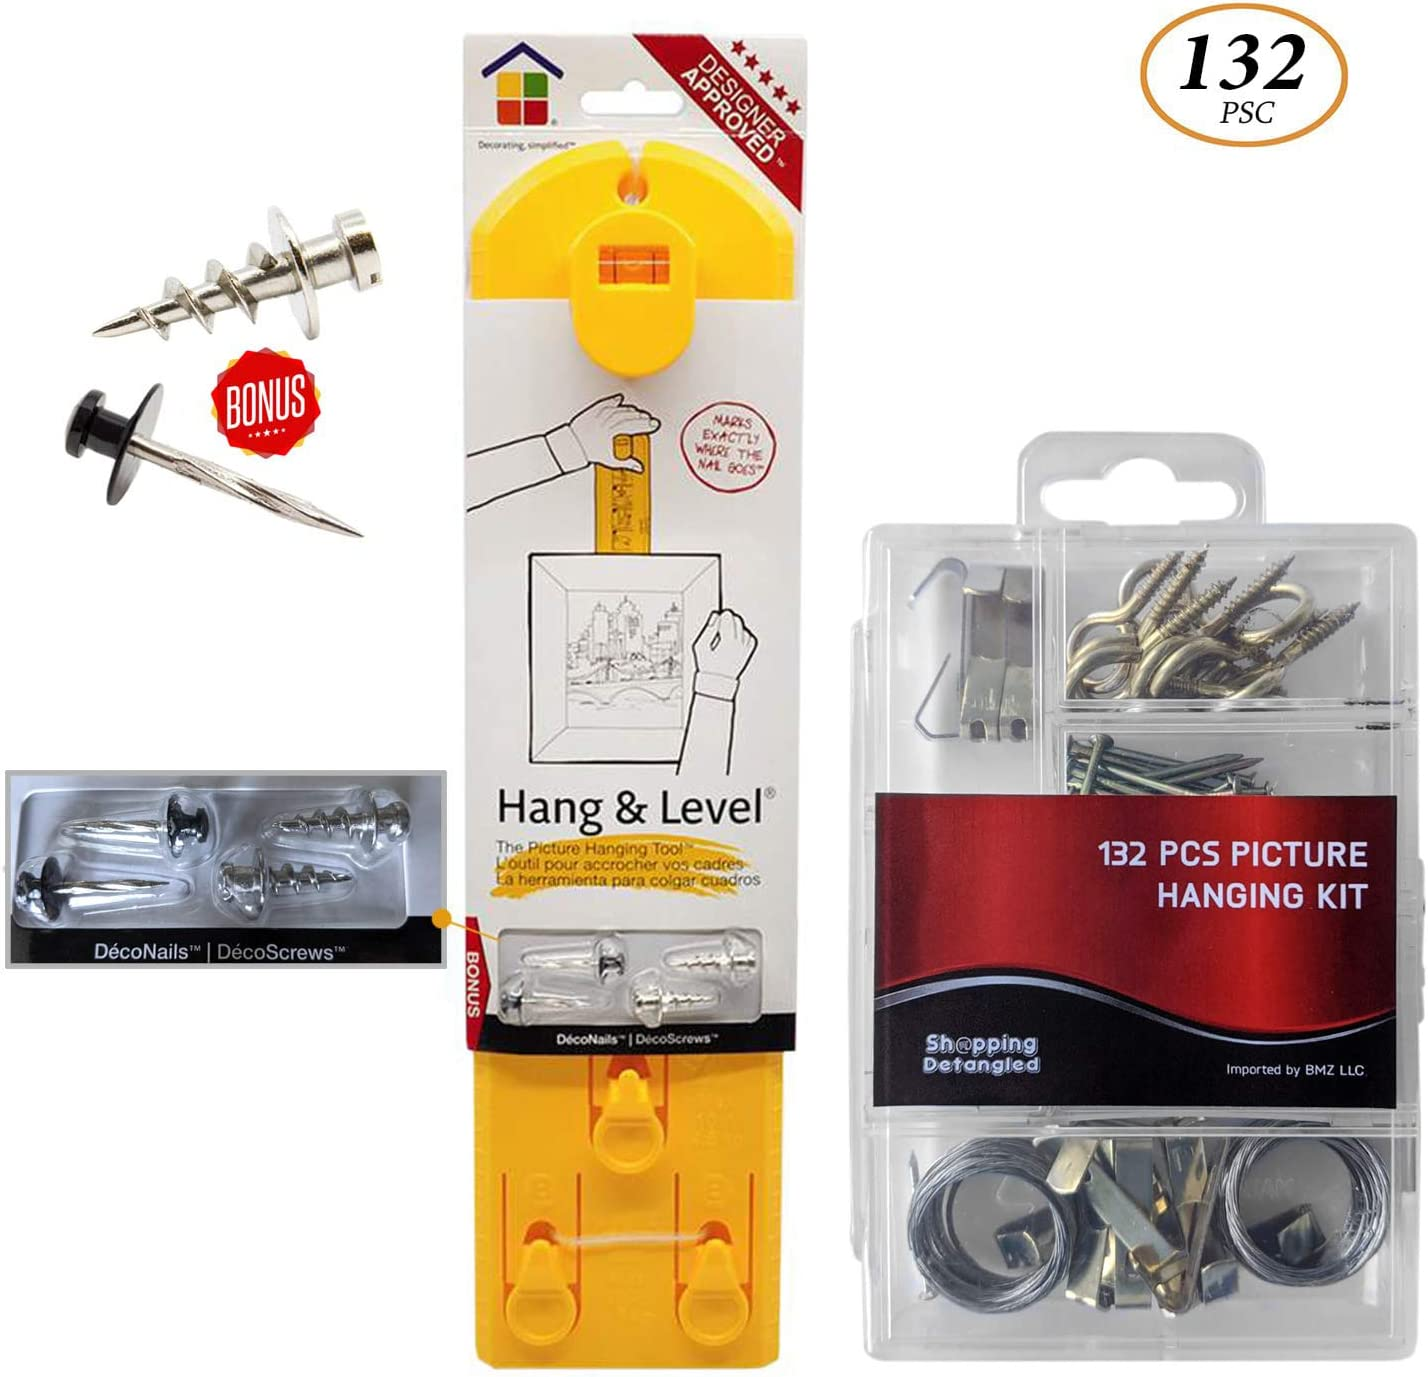 【New 2020 Version】Picture Frame Hanger Kit, Easy Frame Hanger, Picture Hanging Tool- Original Hang & Level Tool Bundled w/ 132 Pcs Assorted Picture Hanging Hardware Bonus DécoNails & DécoScrews